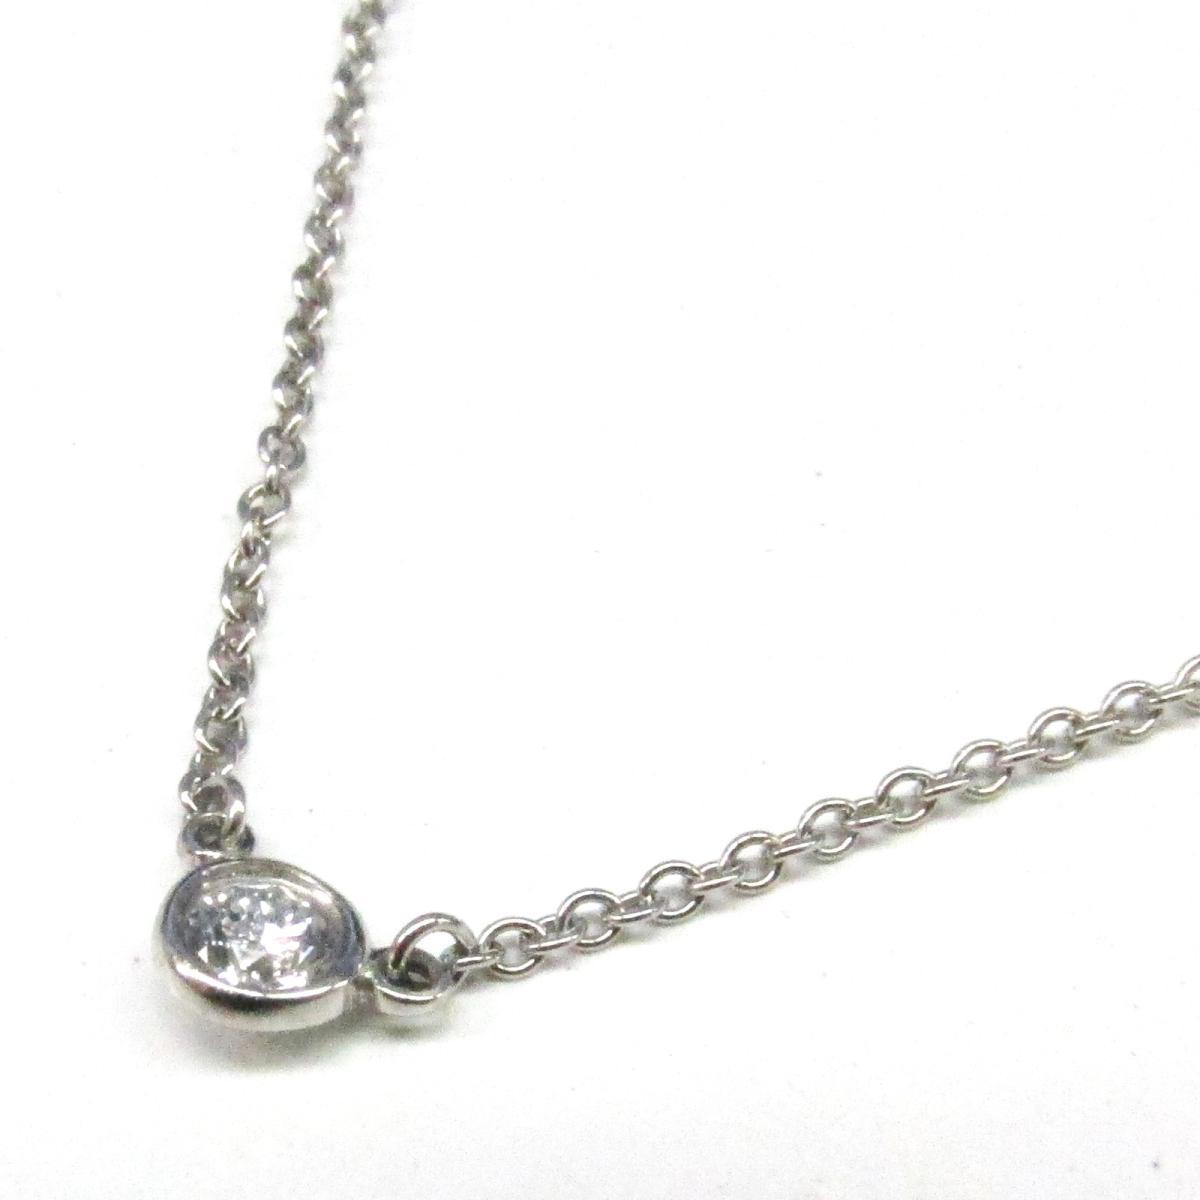 【中古】 ティファニー バイザヤード 1P ダイヤモンド ネックレス ペンダント レディース PT950 プラチナ x | TIFFANY&CO BRANDOFF ブランドオフ ブランド アクセサリー